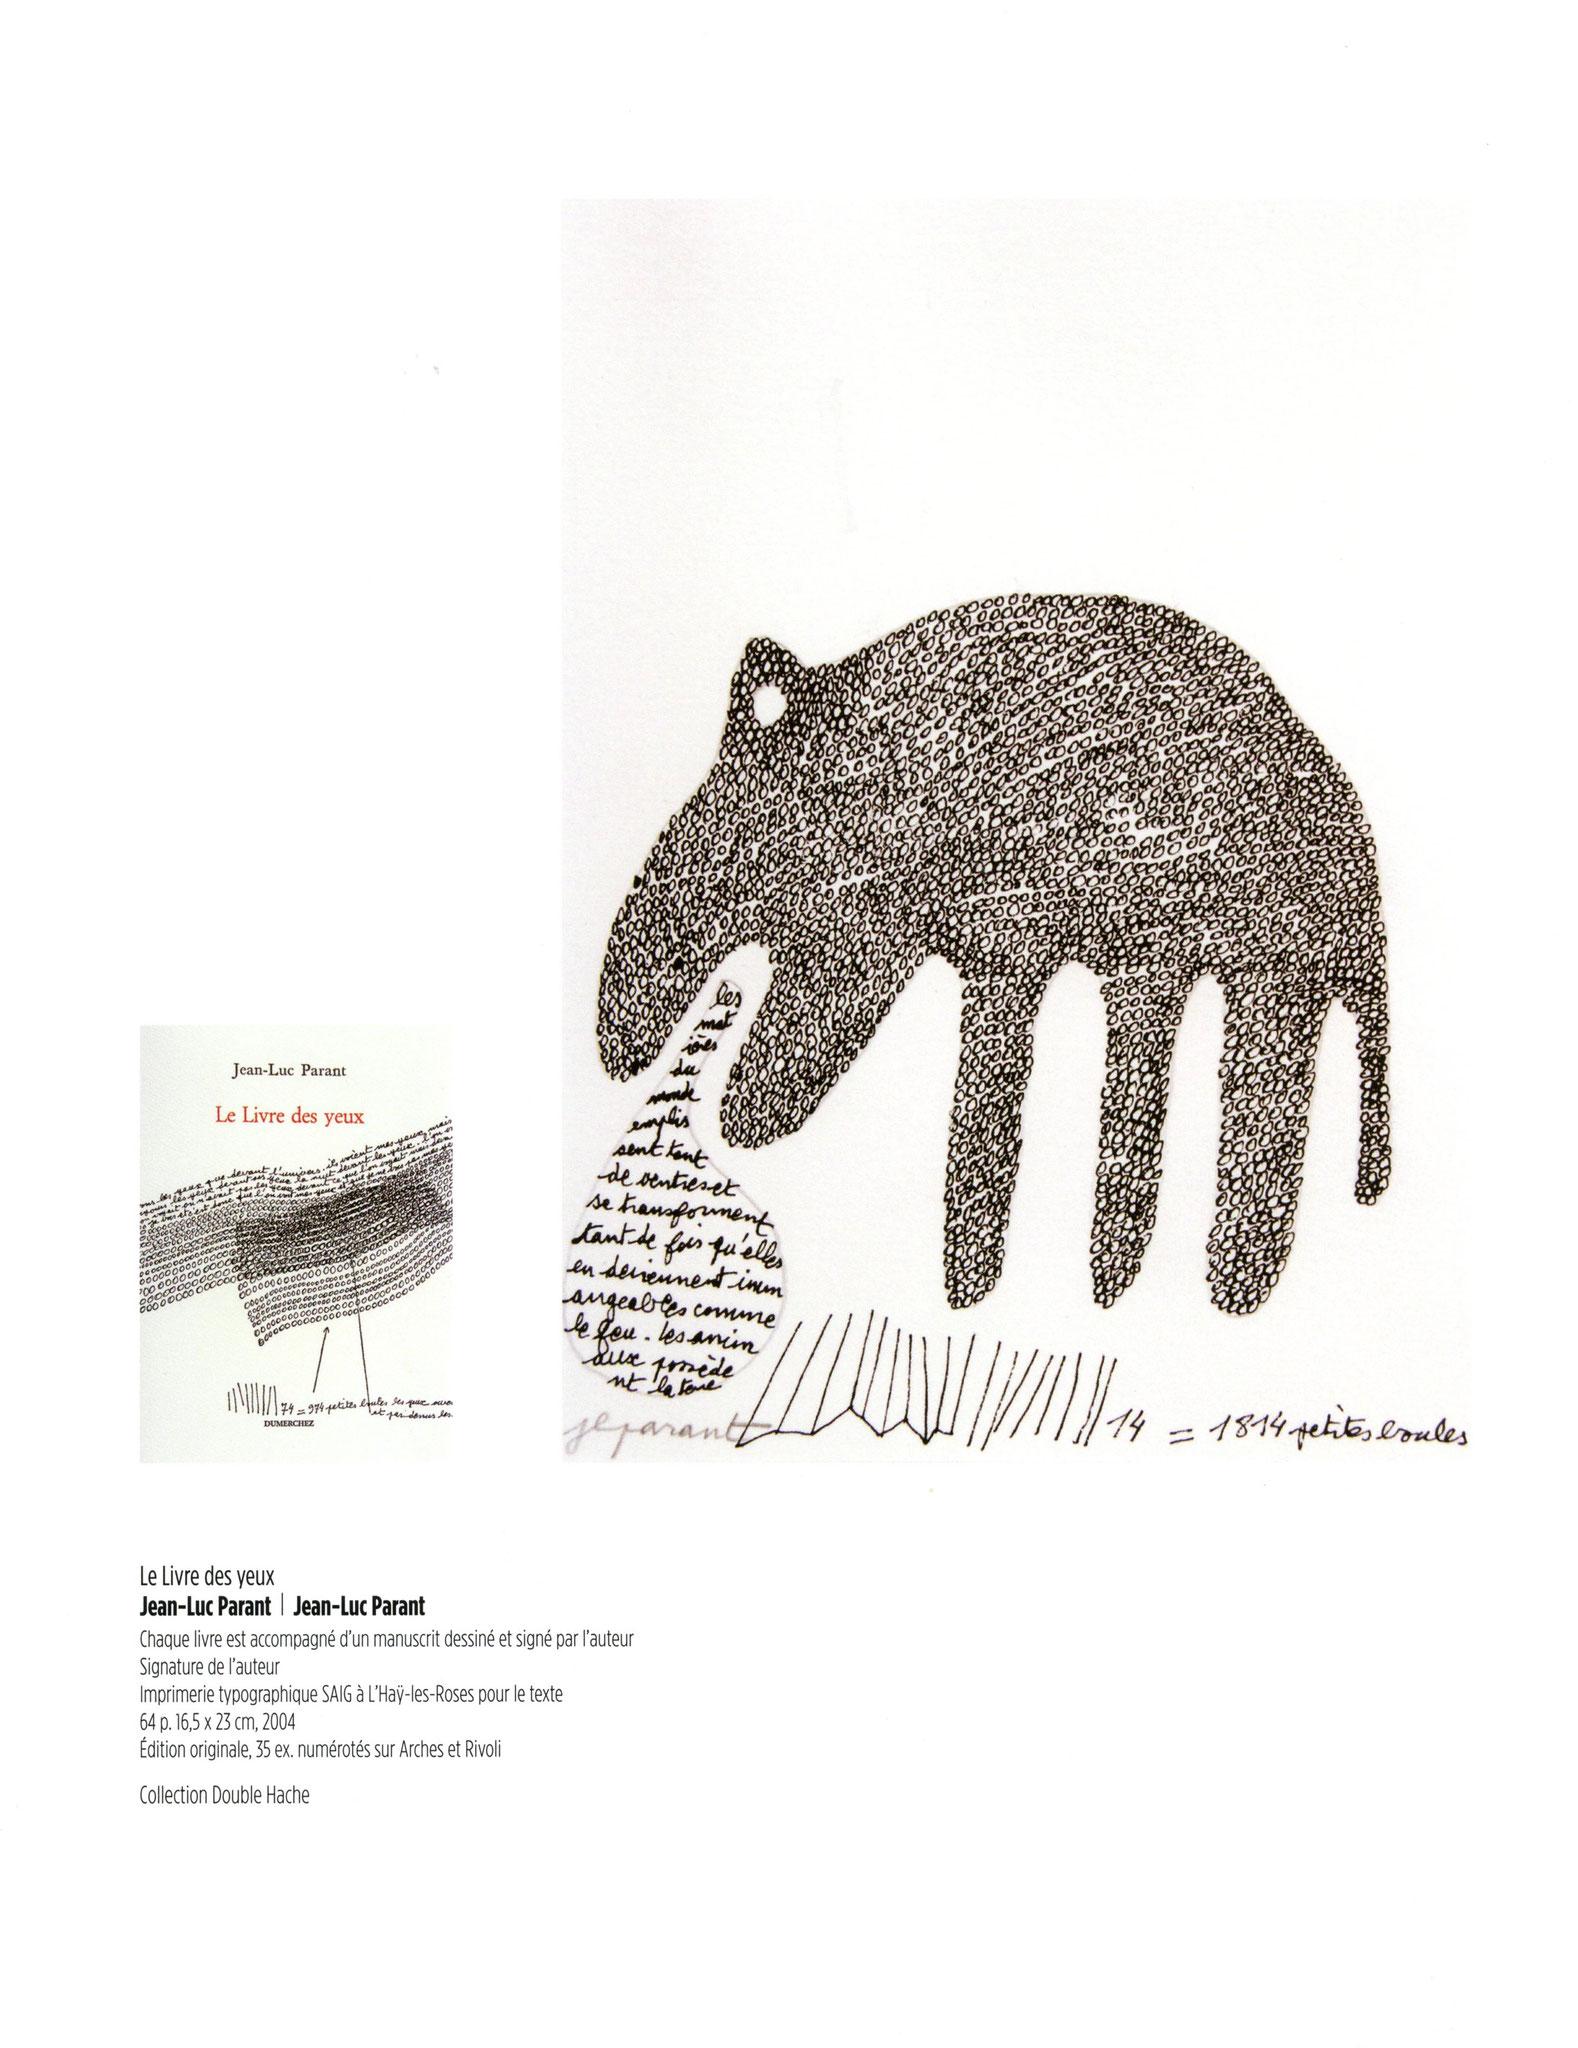 Le livre des yeux - Jean-Luc Parant / Jean-Luc Parant